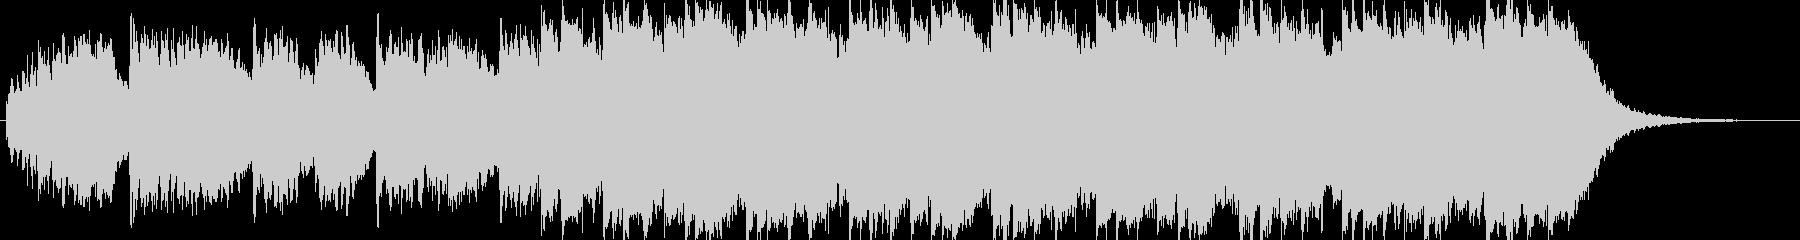 芽吹きを感じる3拍子のピアノ曲 slowの未再生の波形